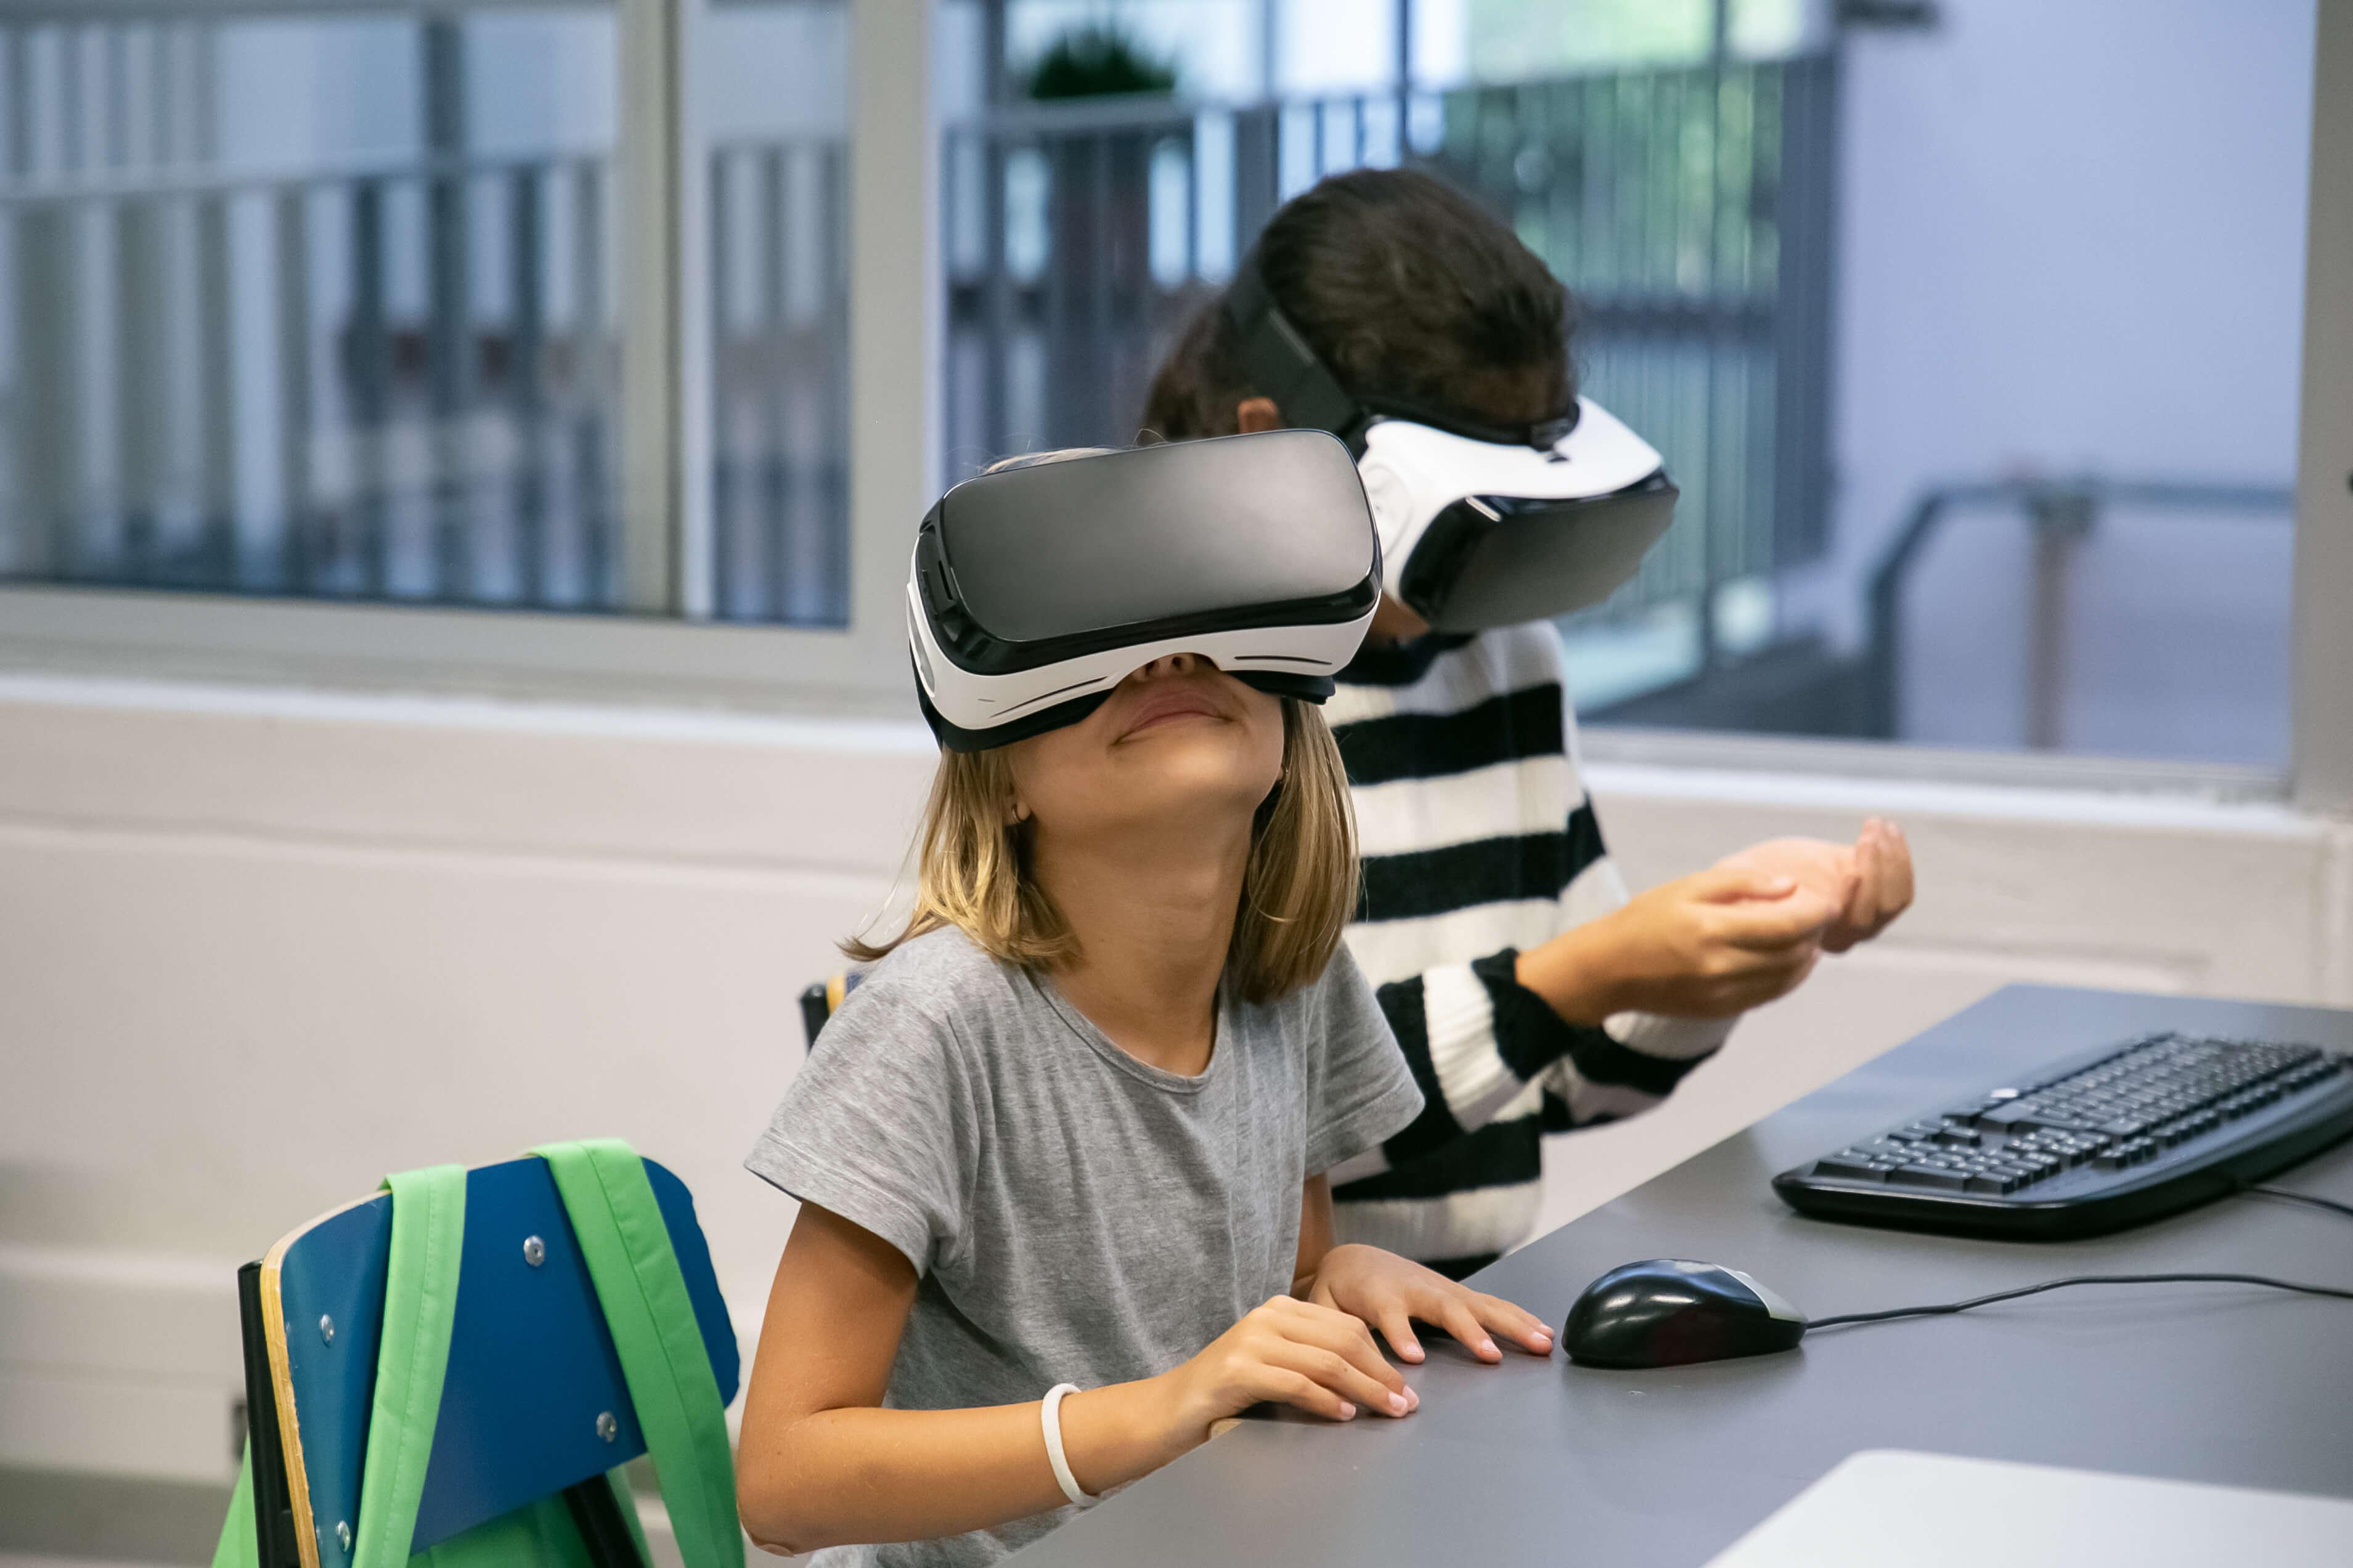 Aprendizaje gamificado: descubre su uso en el e-learning